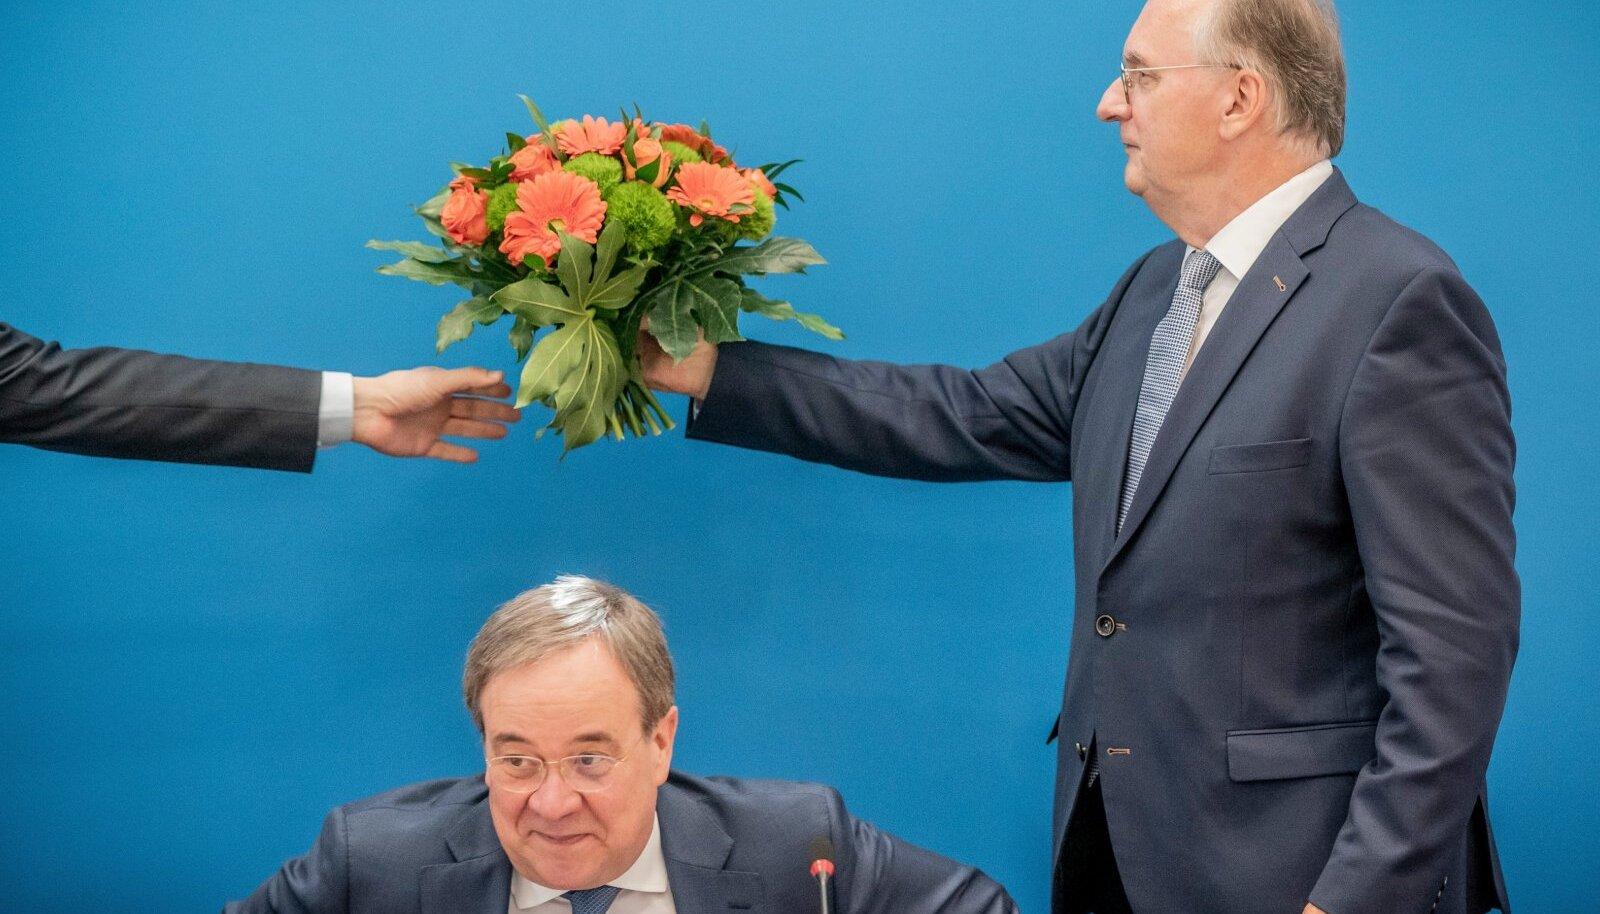 CDU Saksi-Anhaltis vägeva võiduni tüürinud senine liidumaa peaminister Reiner Haseloff (paremal) eile Berliinis koos parteijuht Armin Laschetiga